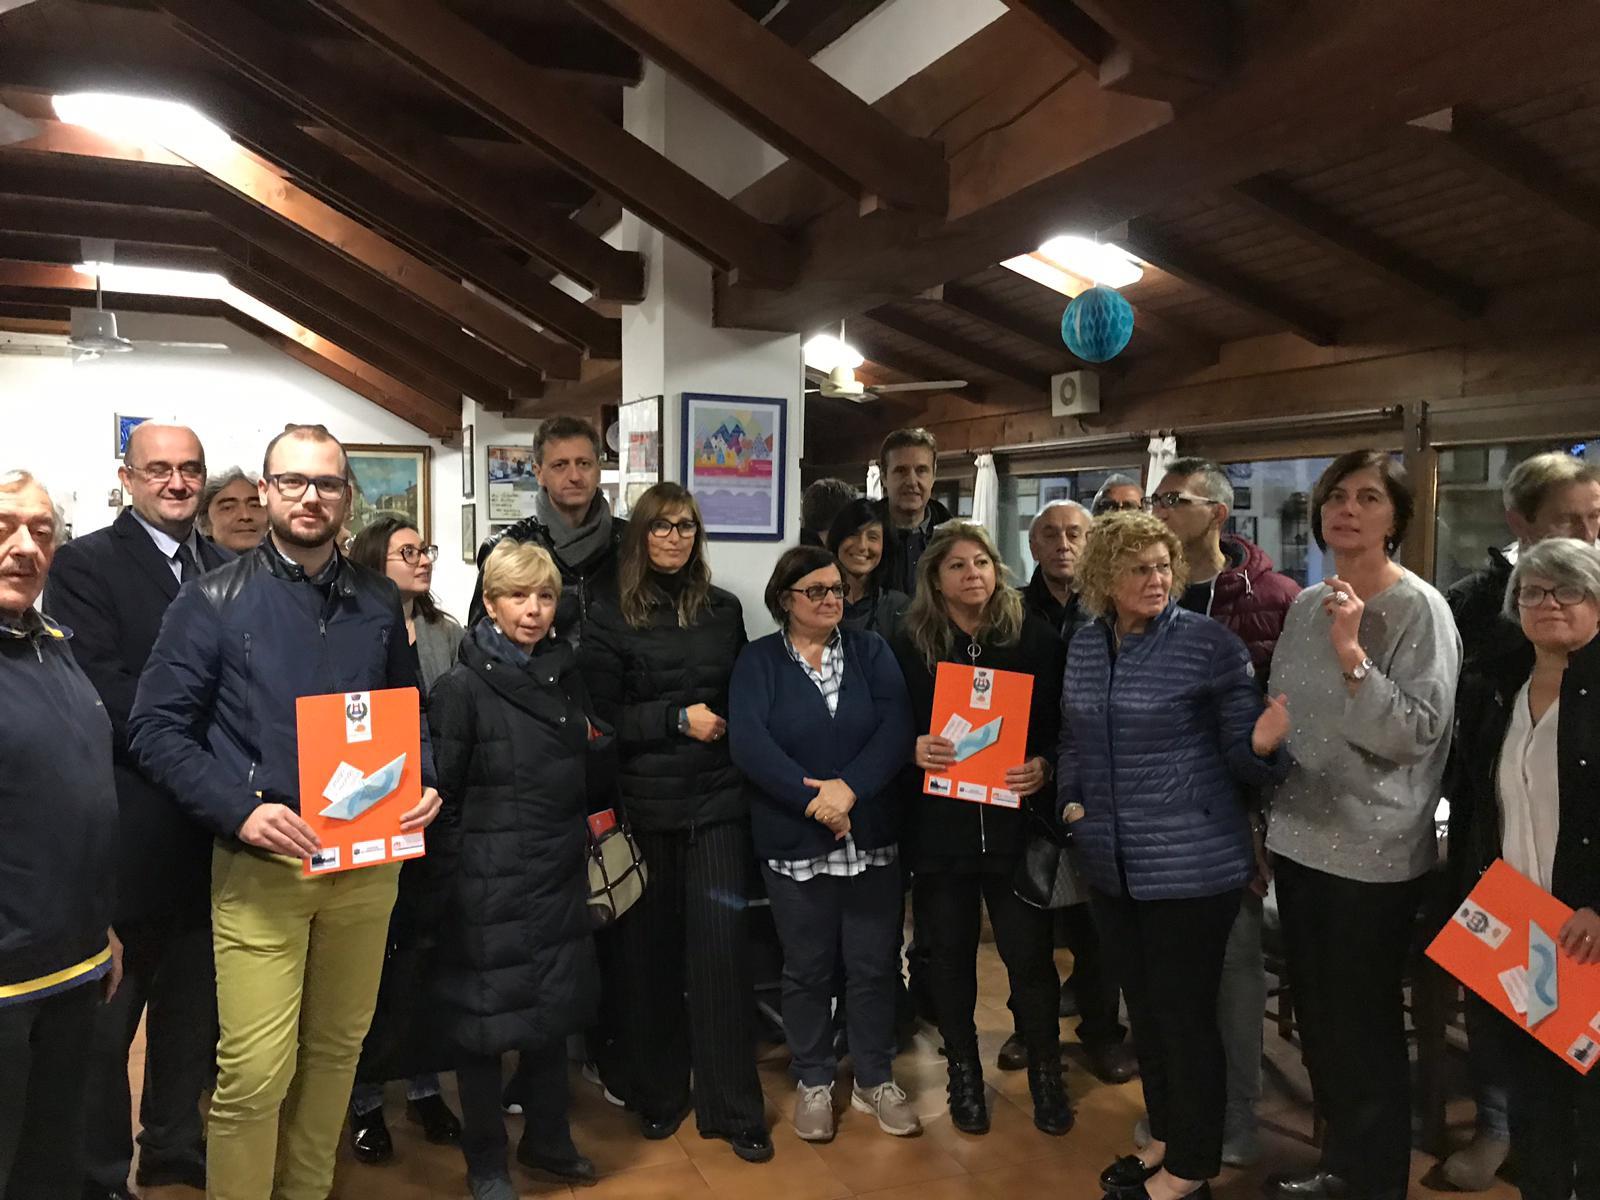 Trenta operatori turistici visitano Turbigo - Settegiorni - Settegiorni